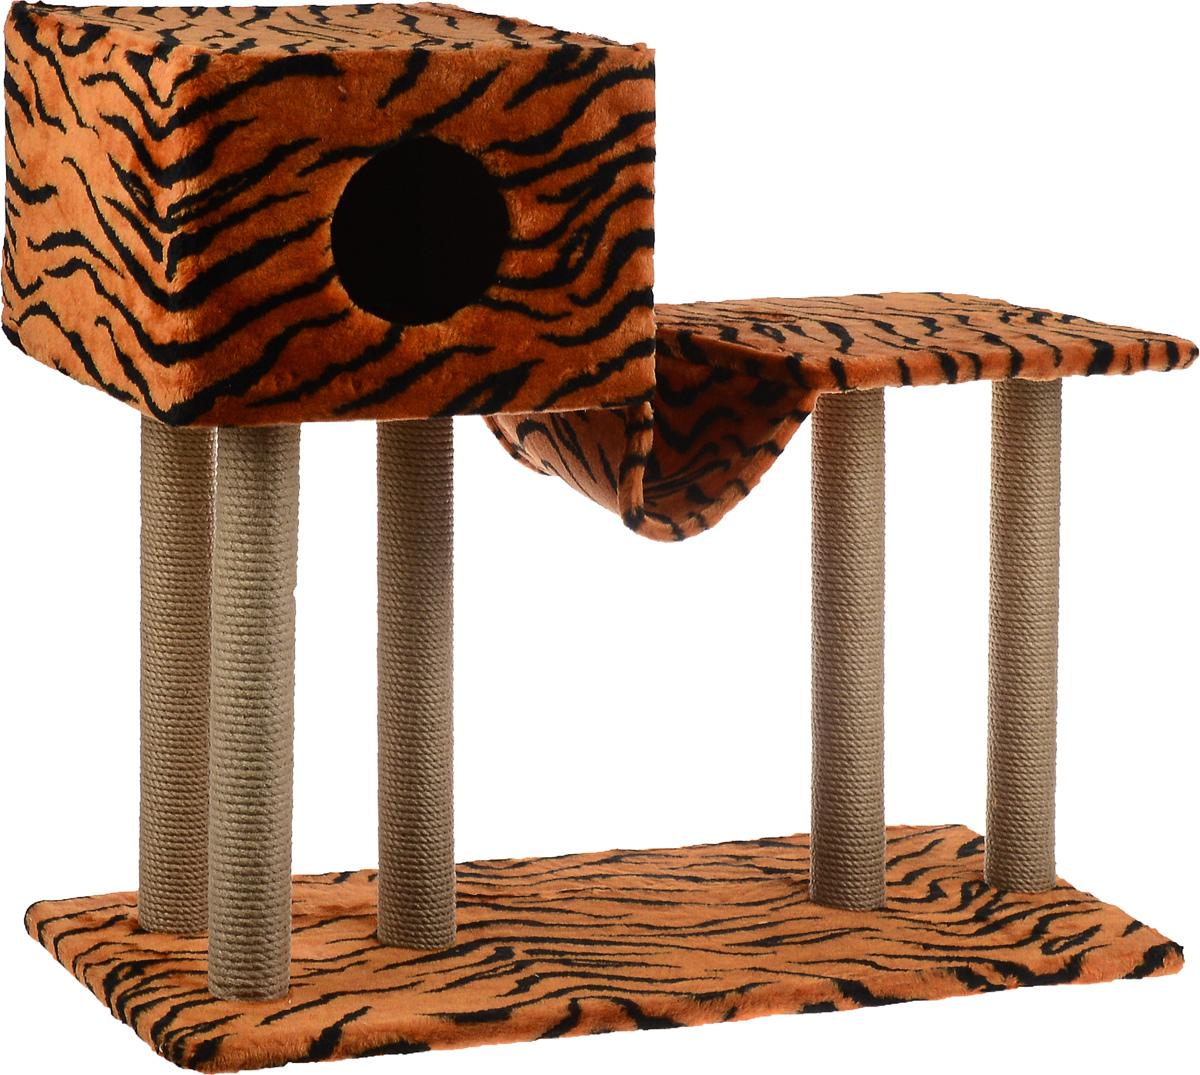 Игровой комплекс для кошек Меридиан, с домиком и гамаком, цвет: оранжевый, черный, бежевый, 90 х 40 х 80 смД126 ТИгровой комплекс для кошек Меридиан выполнен из высококачественного ДВП и ДСП и обтянут искусственным мехом. Изделие предназначено для кошек. Ваш домашний питомец будет с удовольствием точить когти о специальные столбики, изготовленные из джута. А отдохнуть он сможет в домике, на полках или в удобном гамаке. Общий размер: 90 х 40 х 80 см. Размер основания: 90 х 40 см. Высота полки: 53 см. Размер домика: 40 х 40 х 28 см. Размер полки: 39 х 39 см.